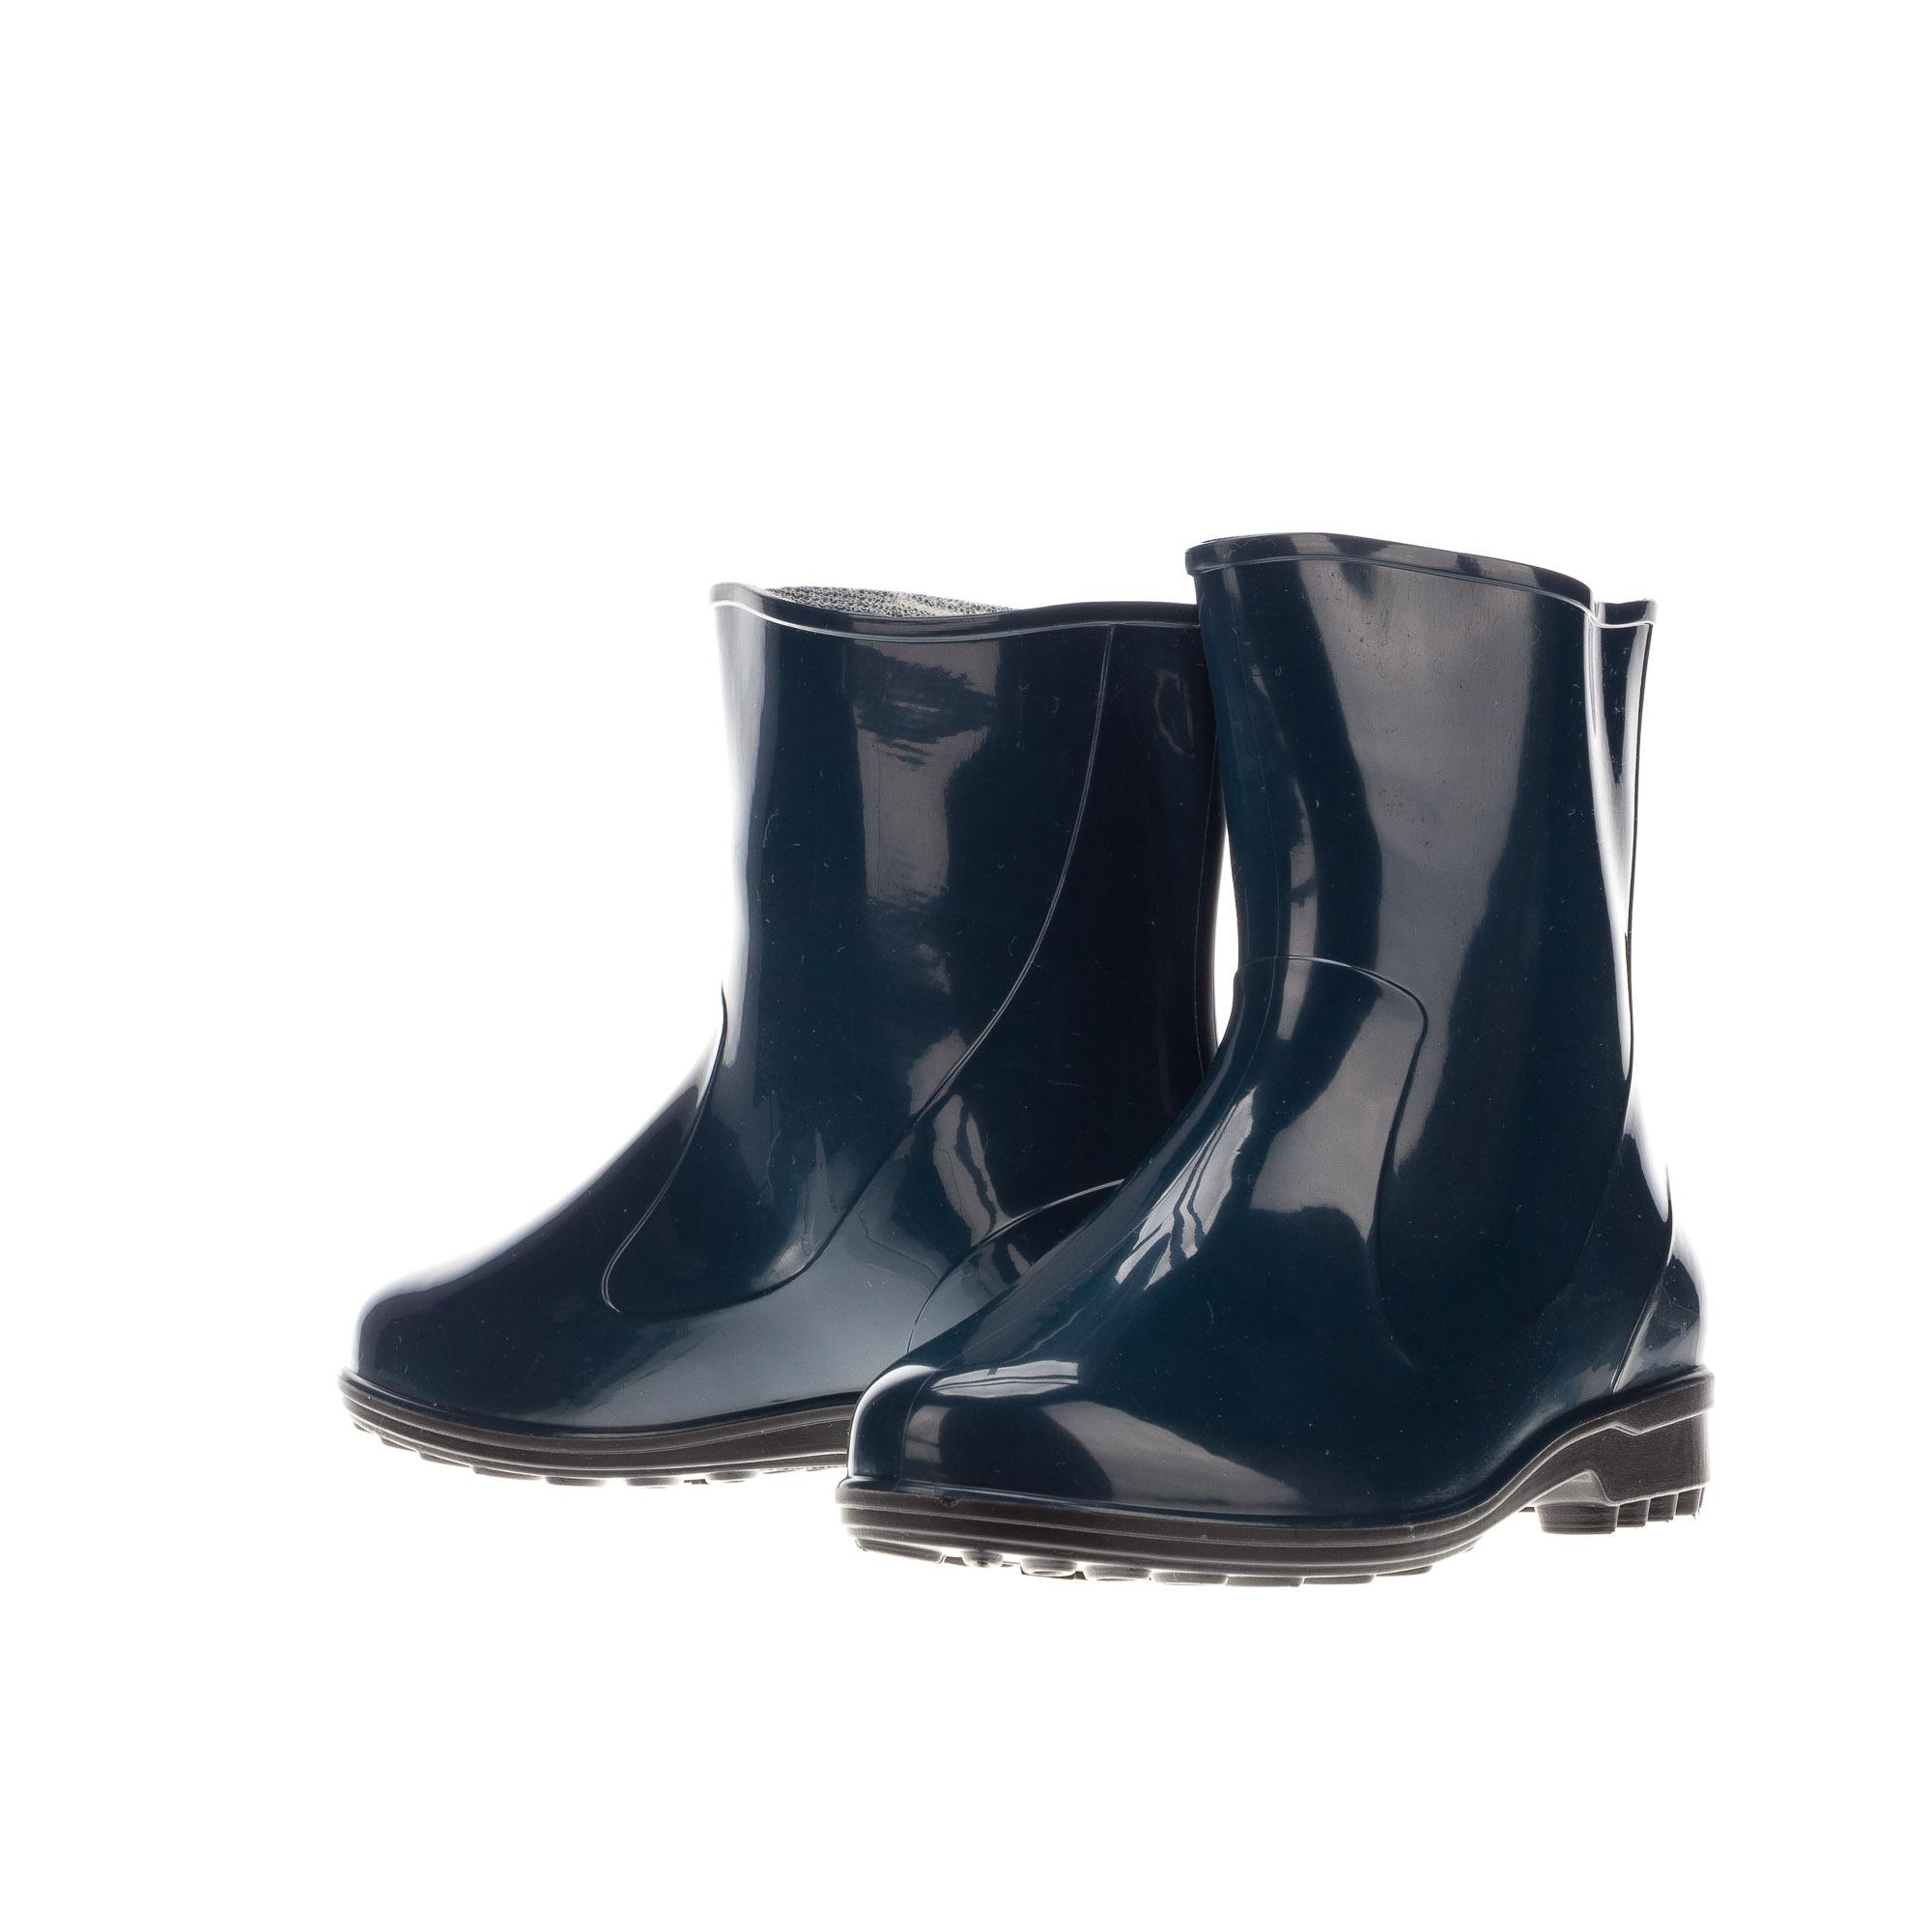 0610307d0 Женские боты СВ-23, женские резиновые ботильоны - ЛПО-Вездеход-производство  резиновой обуви,обуви для рыбаков и охотников,обуви из ЭВА